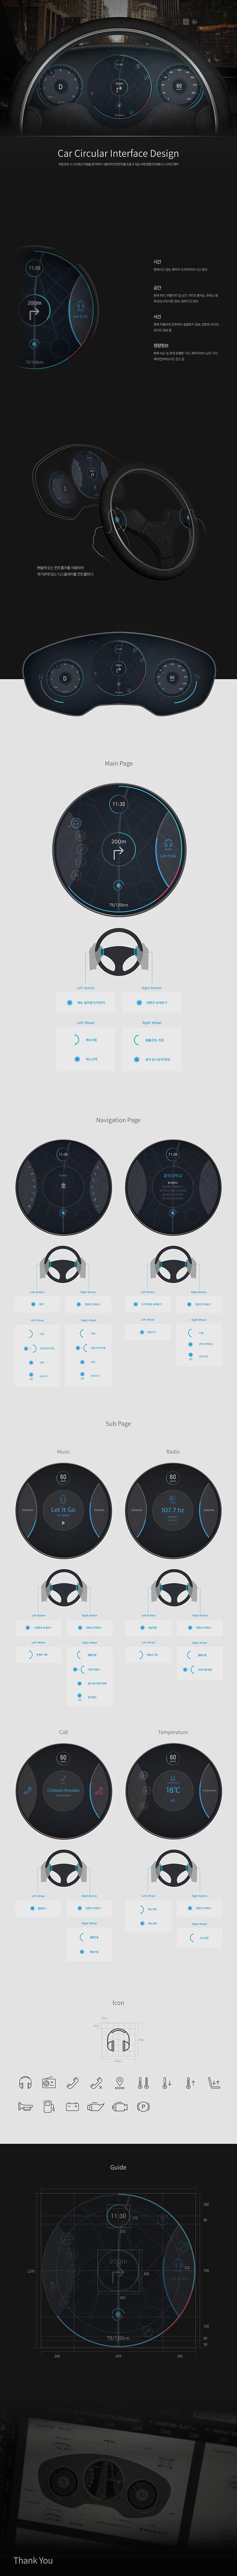 Car Circular Interface Design